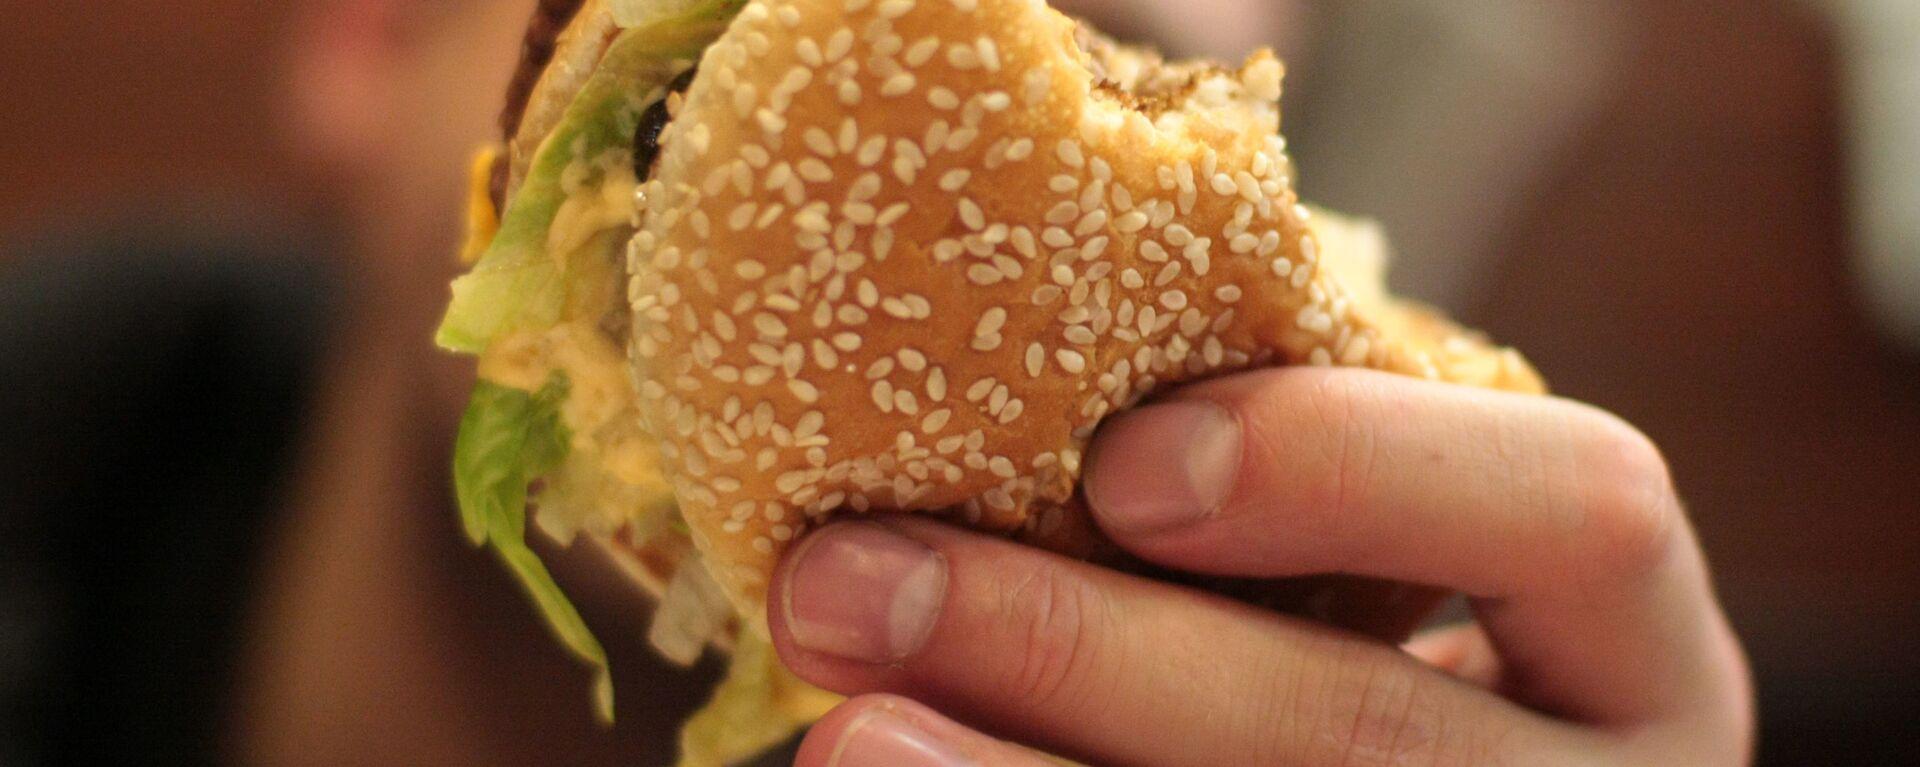 Hamburger del McDonald's - Sputnik Italia, 1920, 13.03.2021